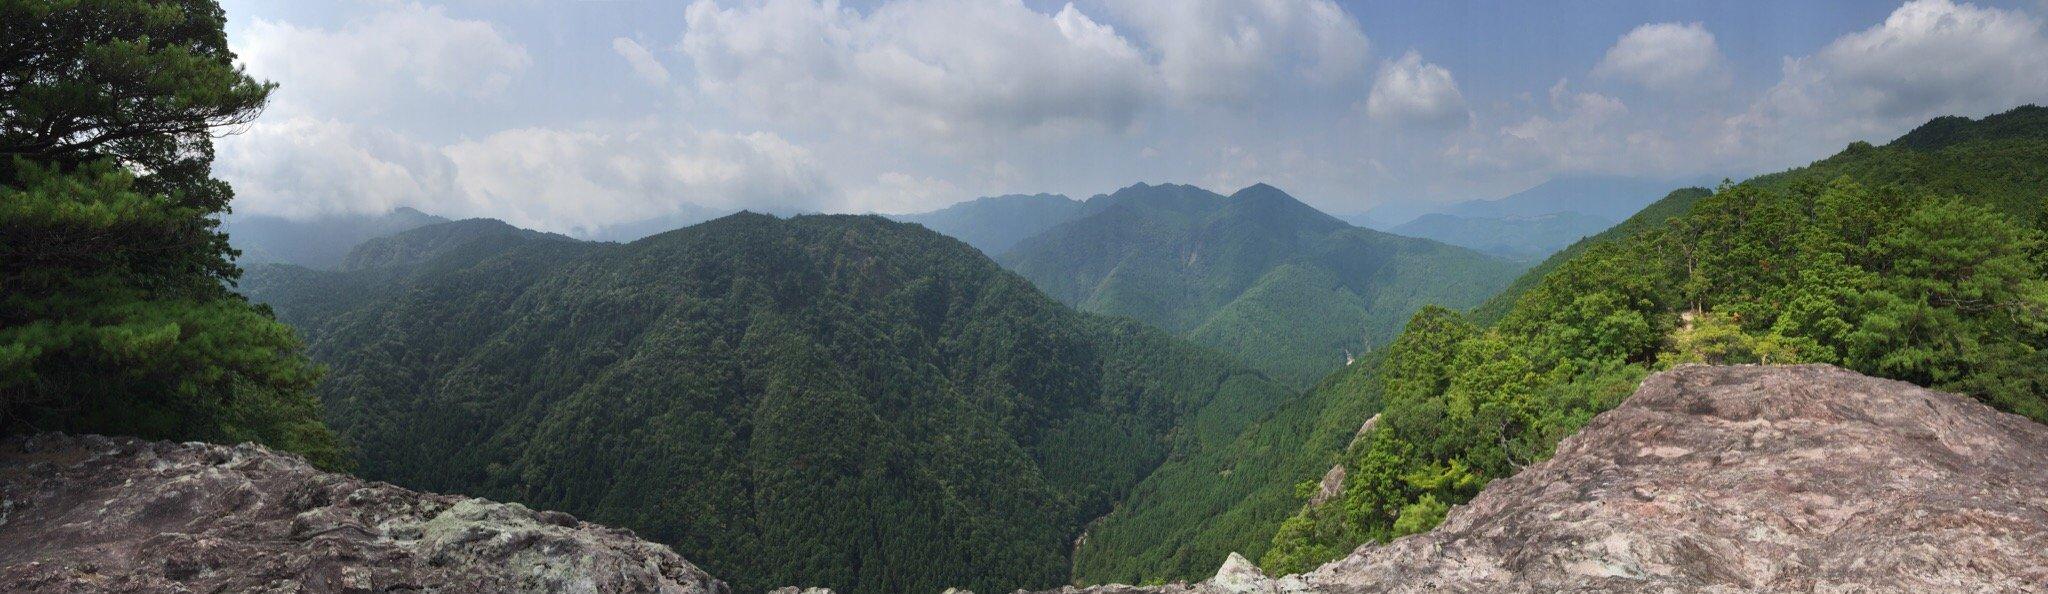 Onigura